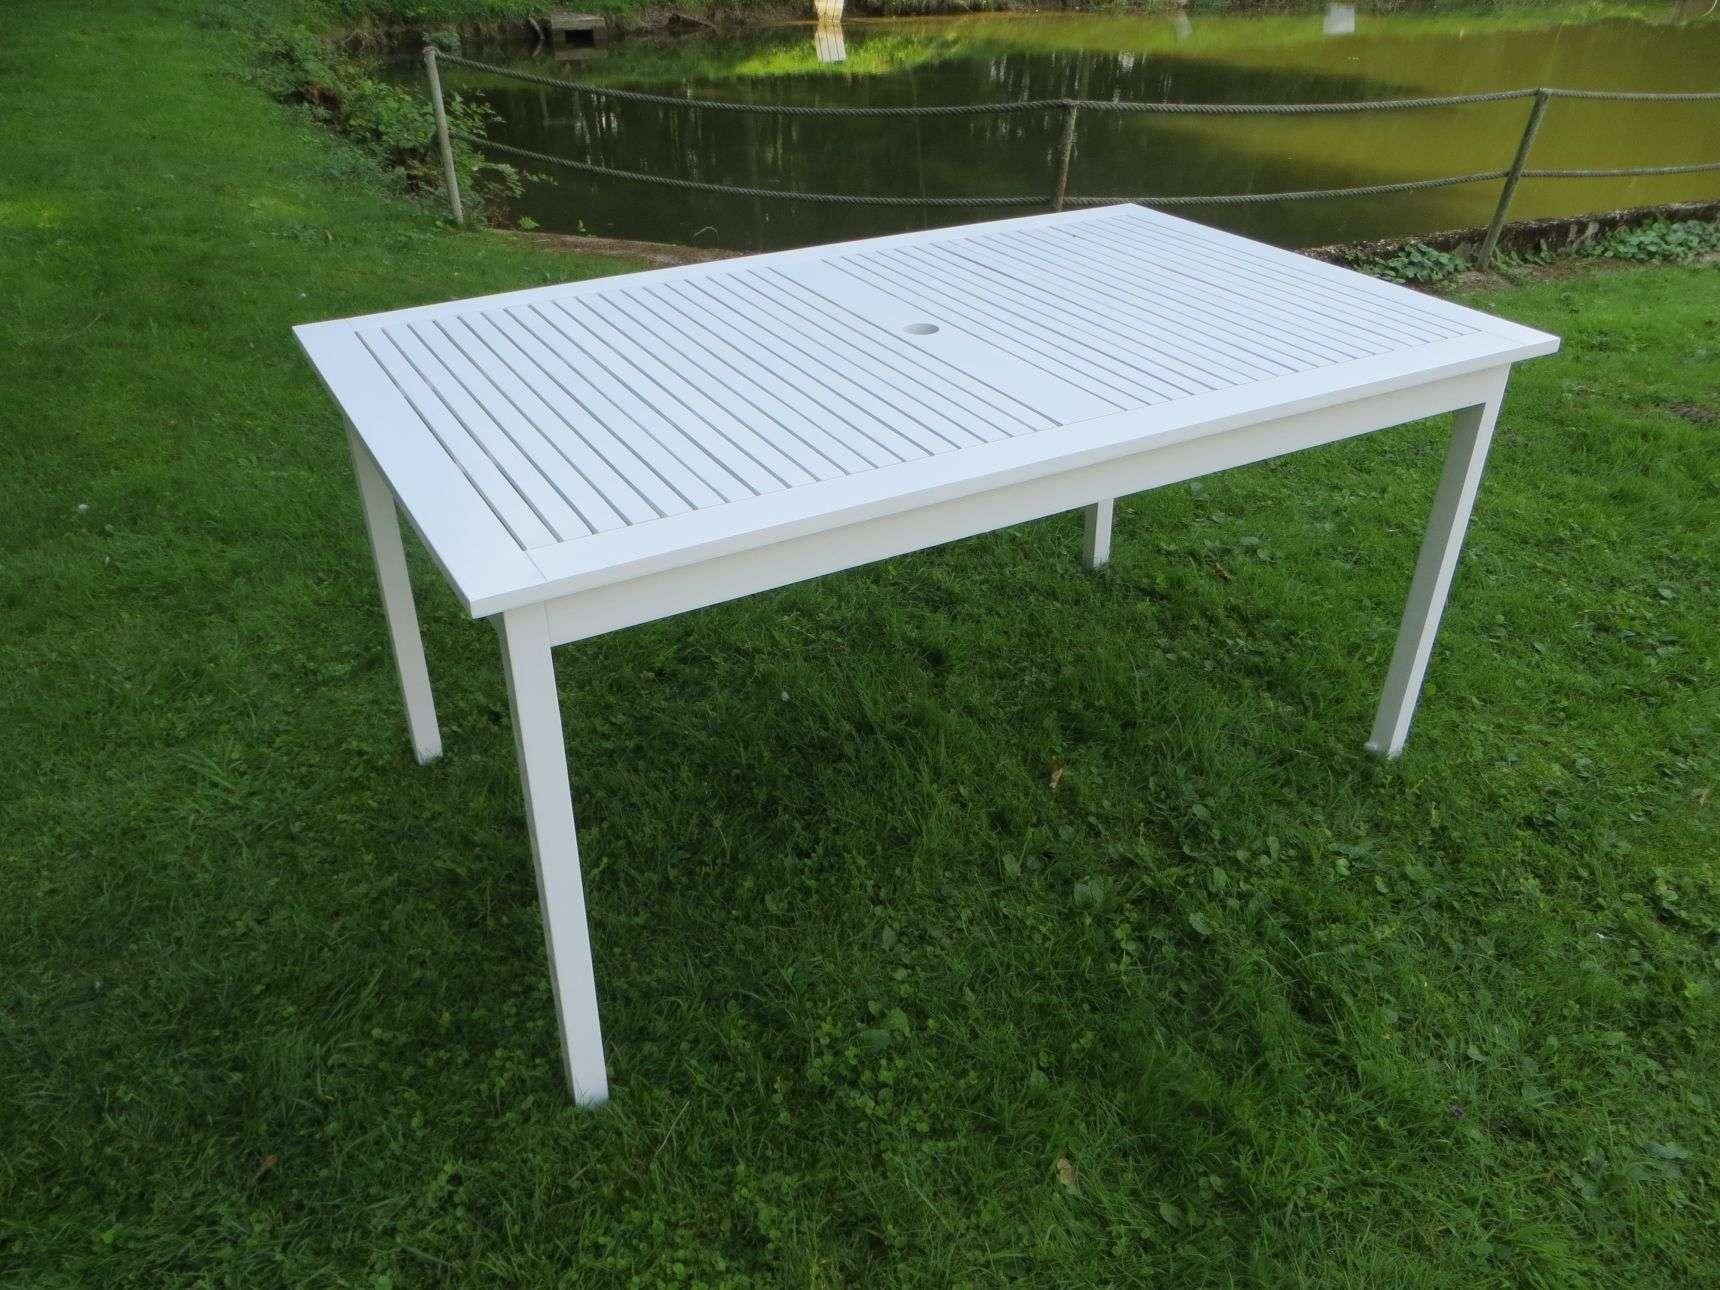 Ordentlich KADINA Holz Gartentisch 150x90cm, weiss lackiert | Gartentische  JR94